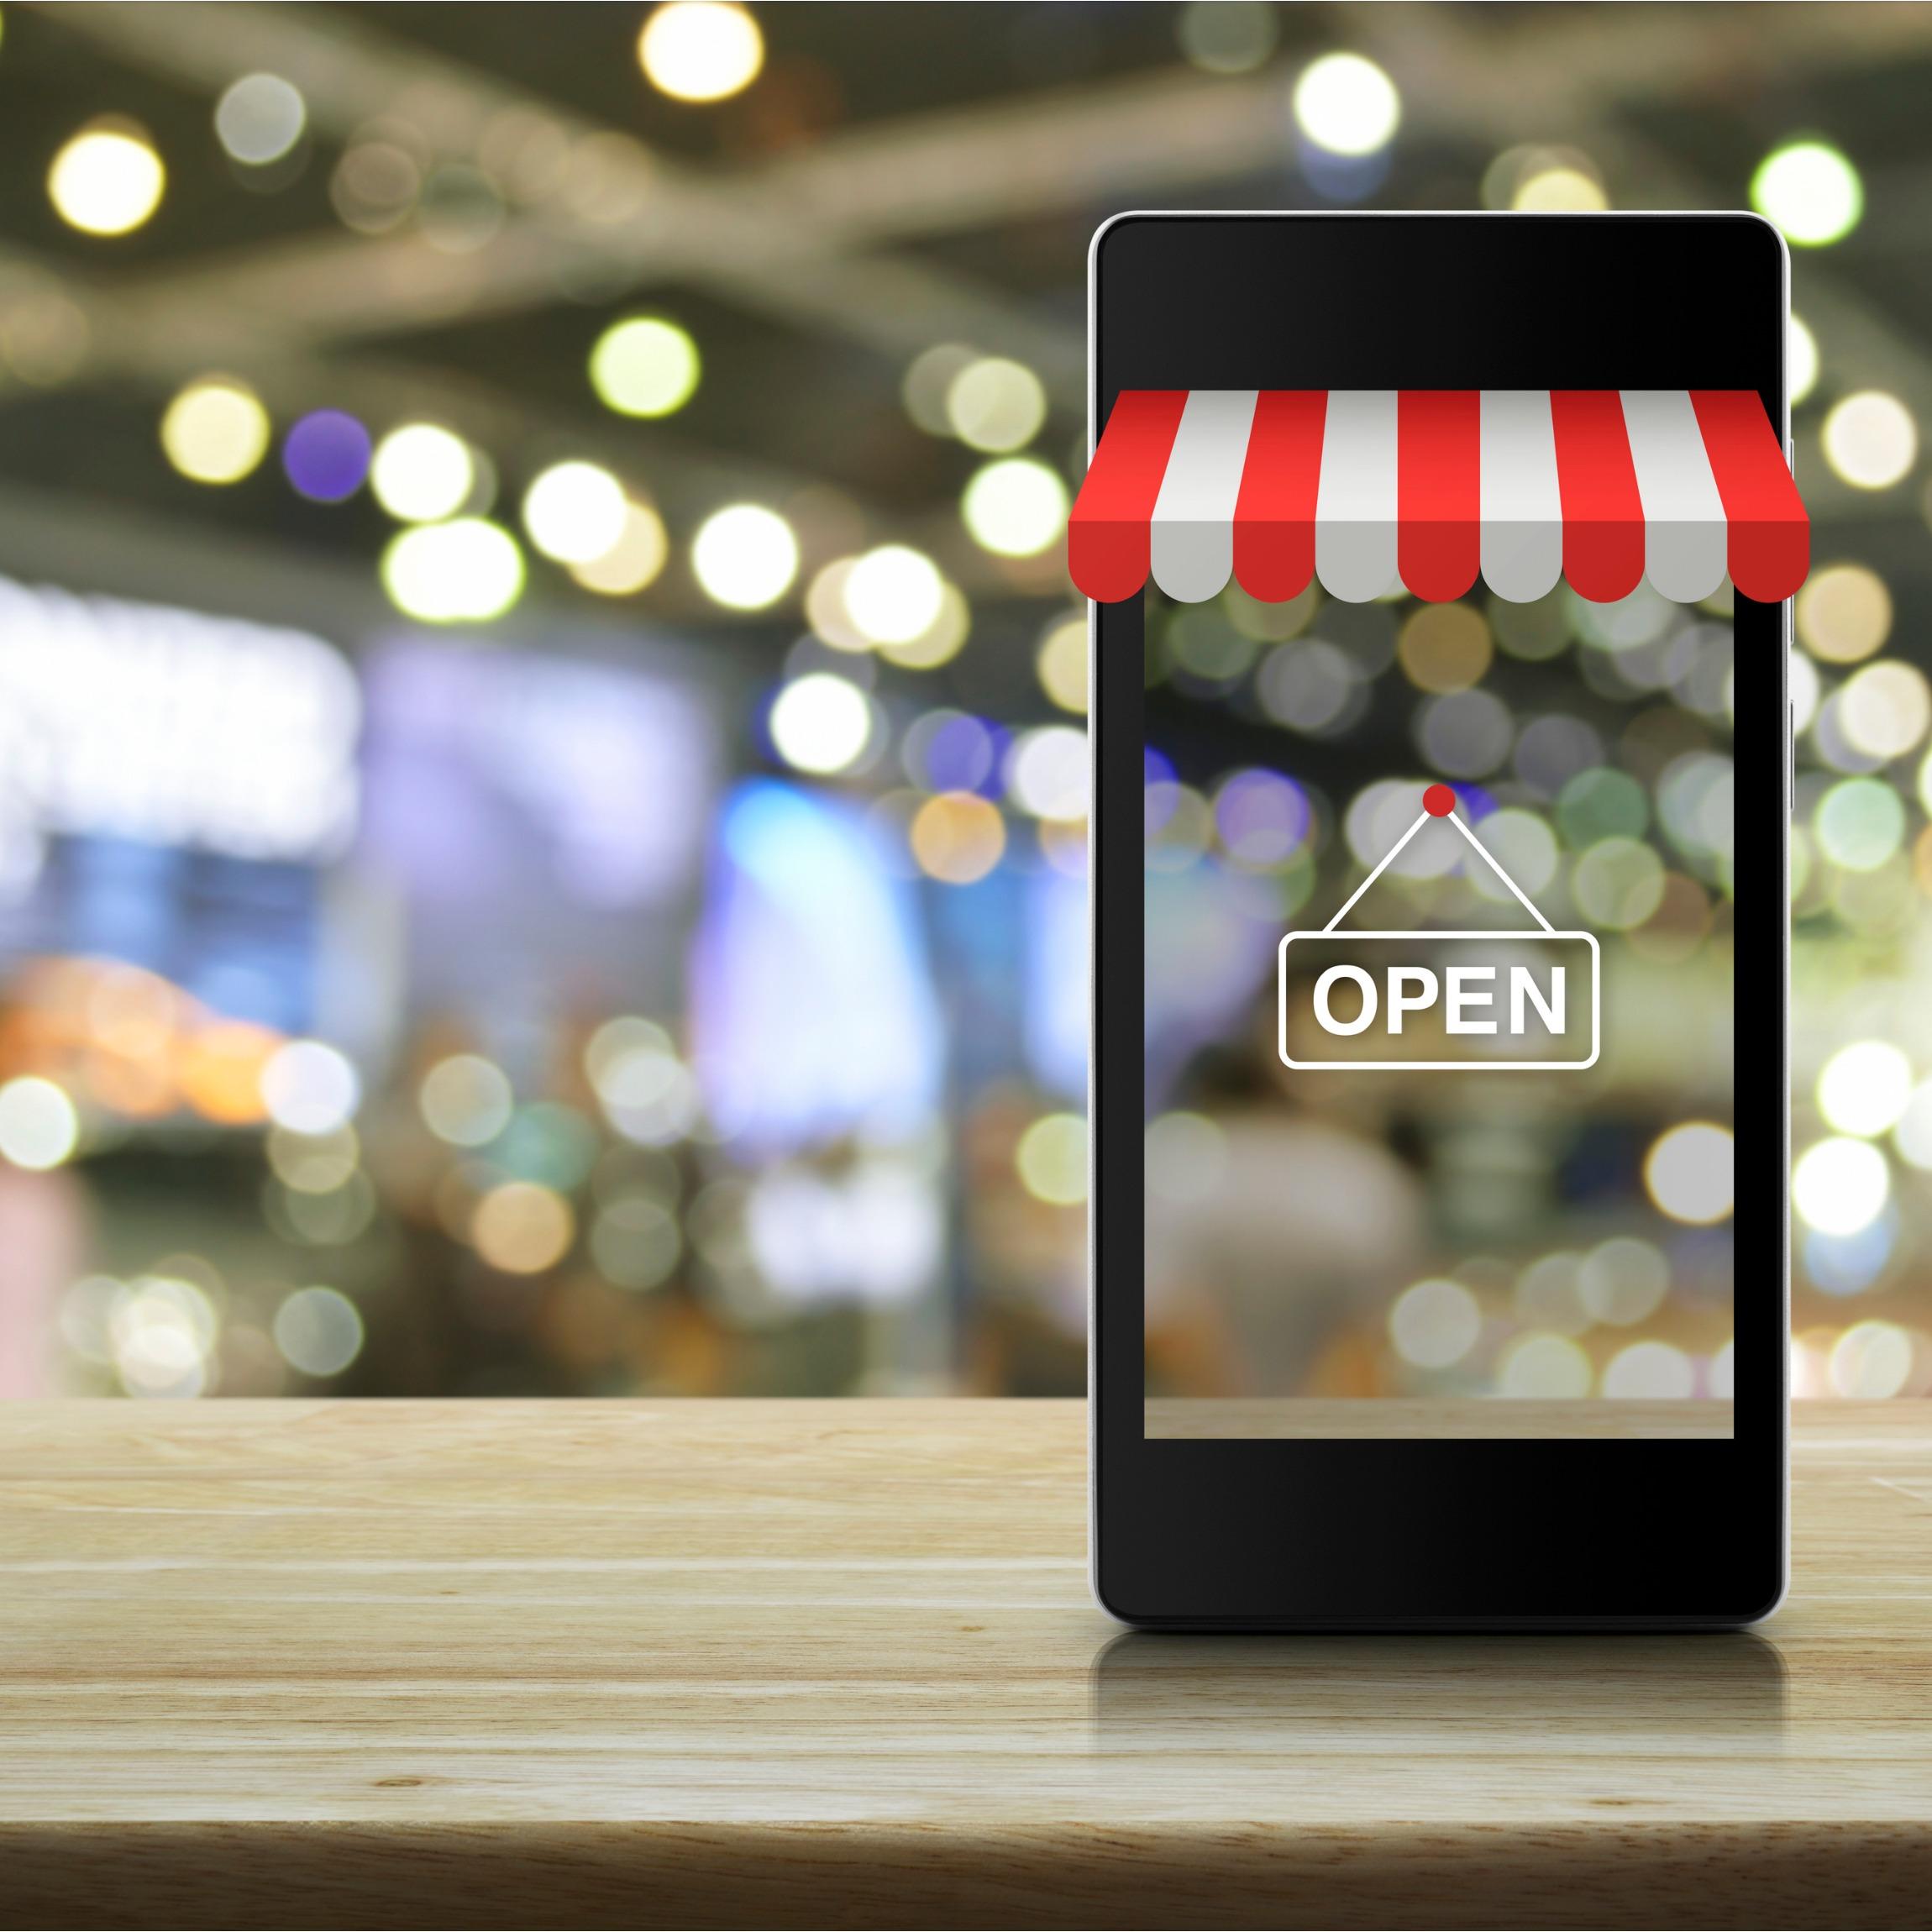 eb24422dfca Créer son entreprise sur Internet en 2019 - Le guide complet